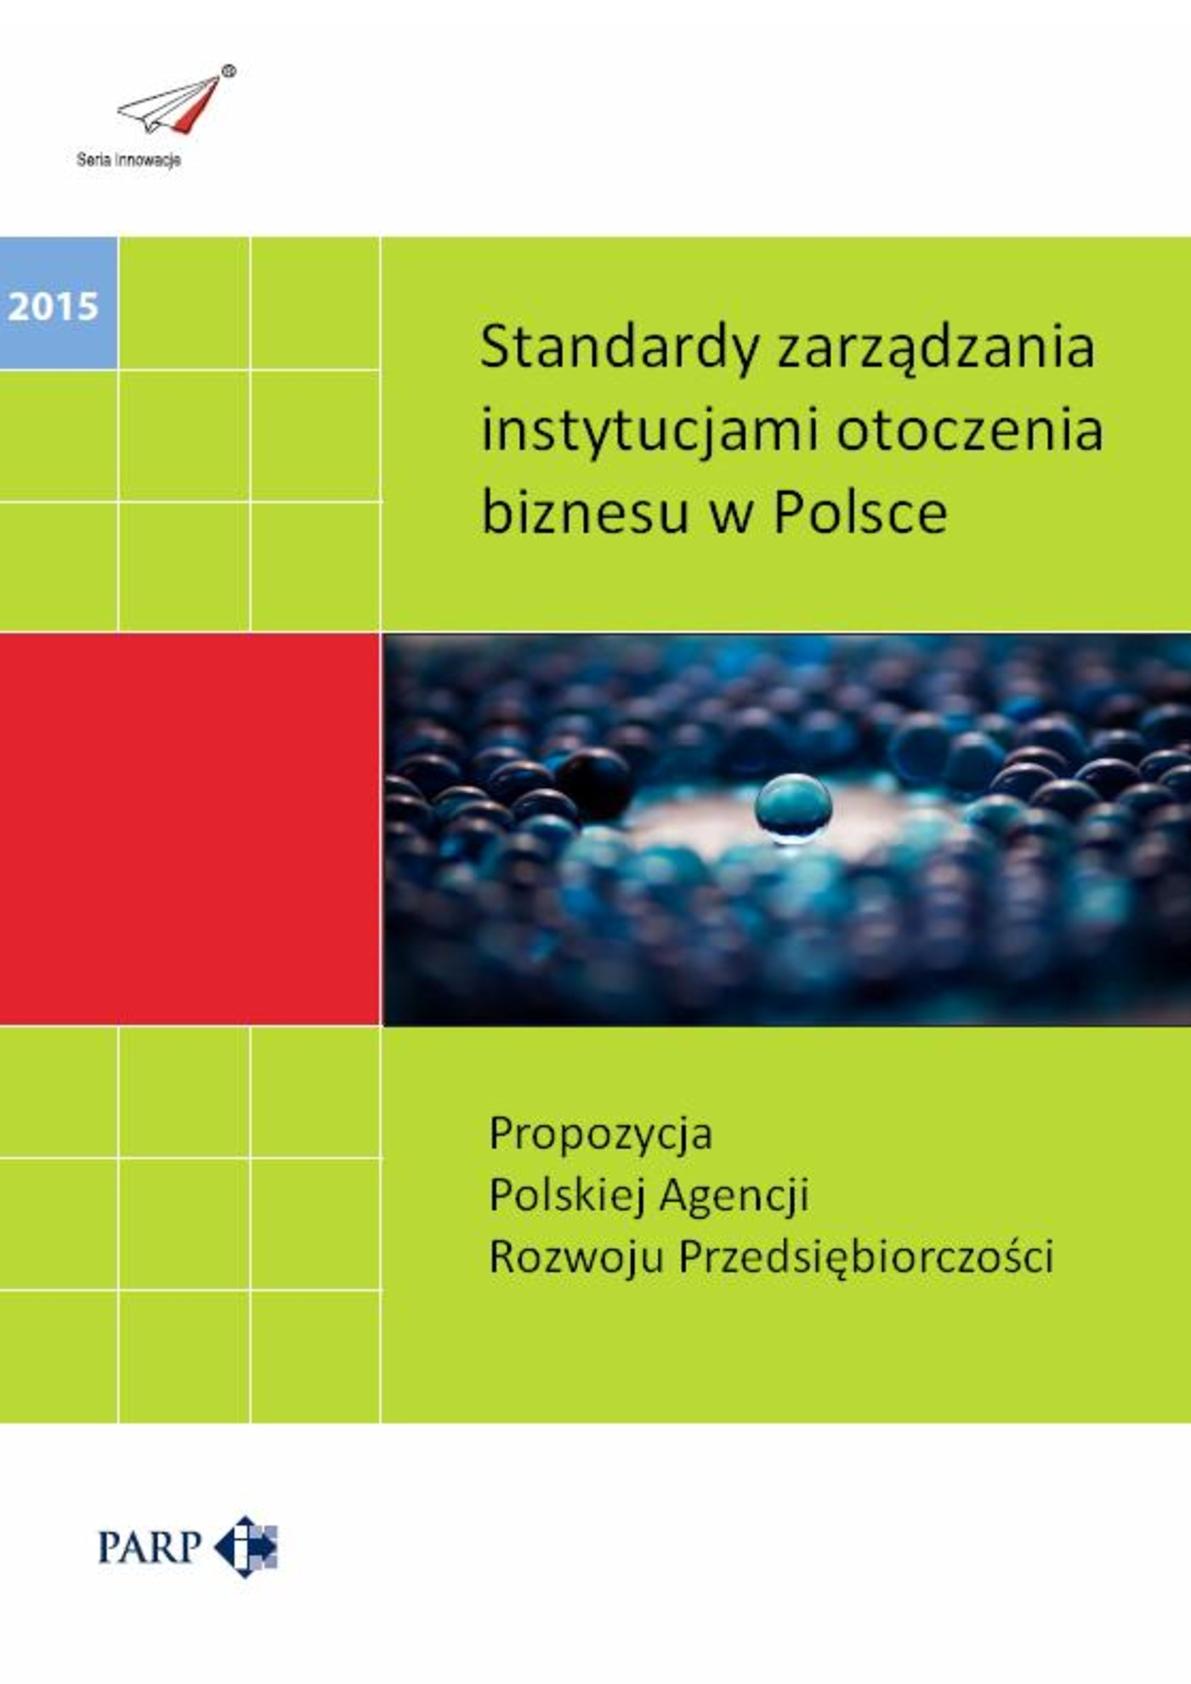 Standardy zarządzania instytucjami otoczenia biznesu w Polsce